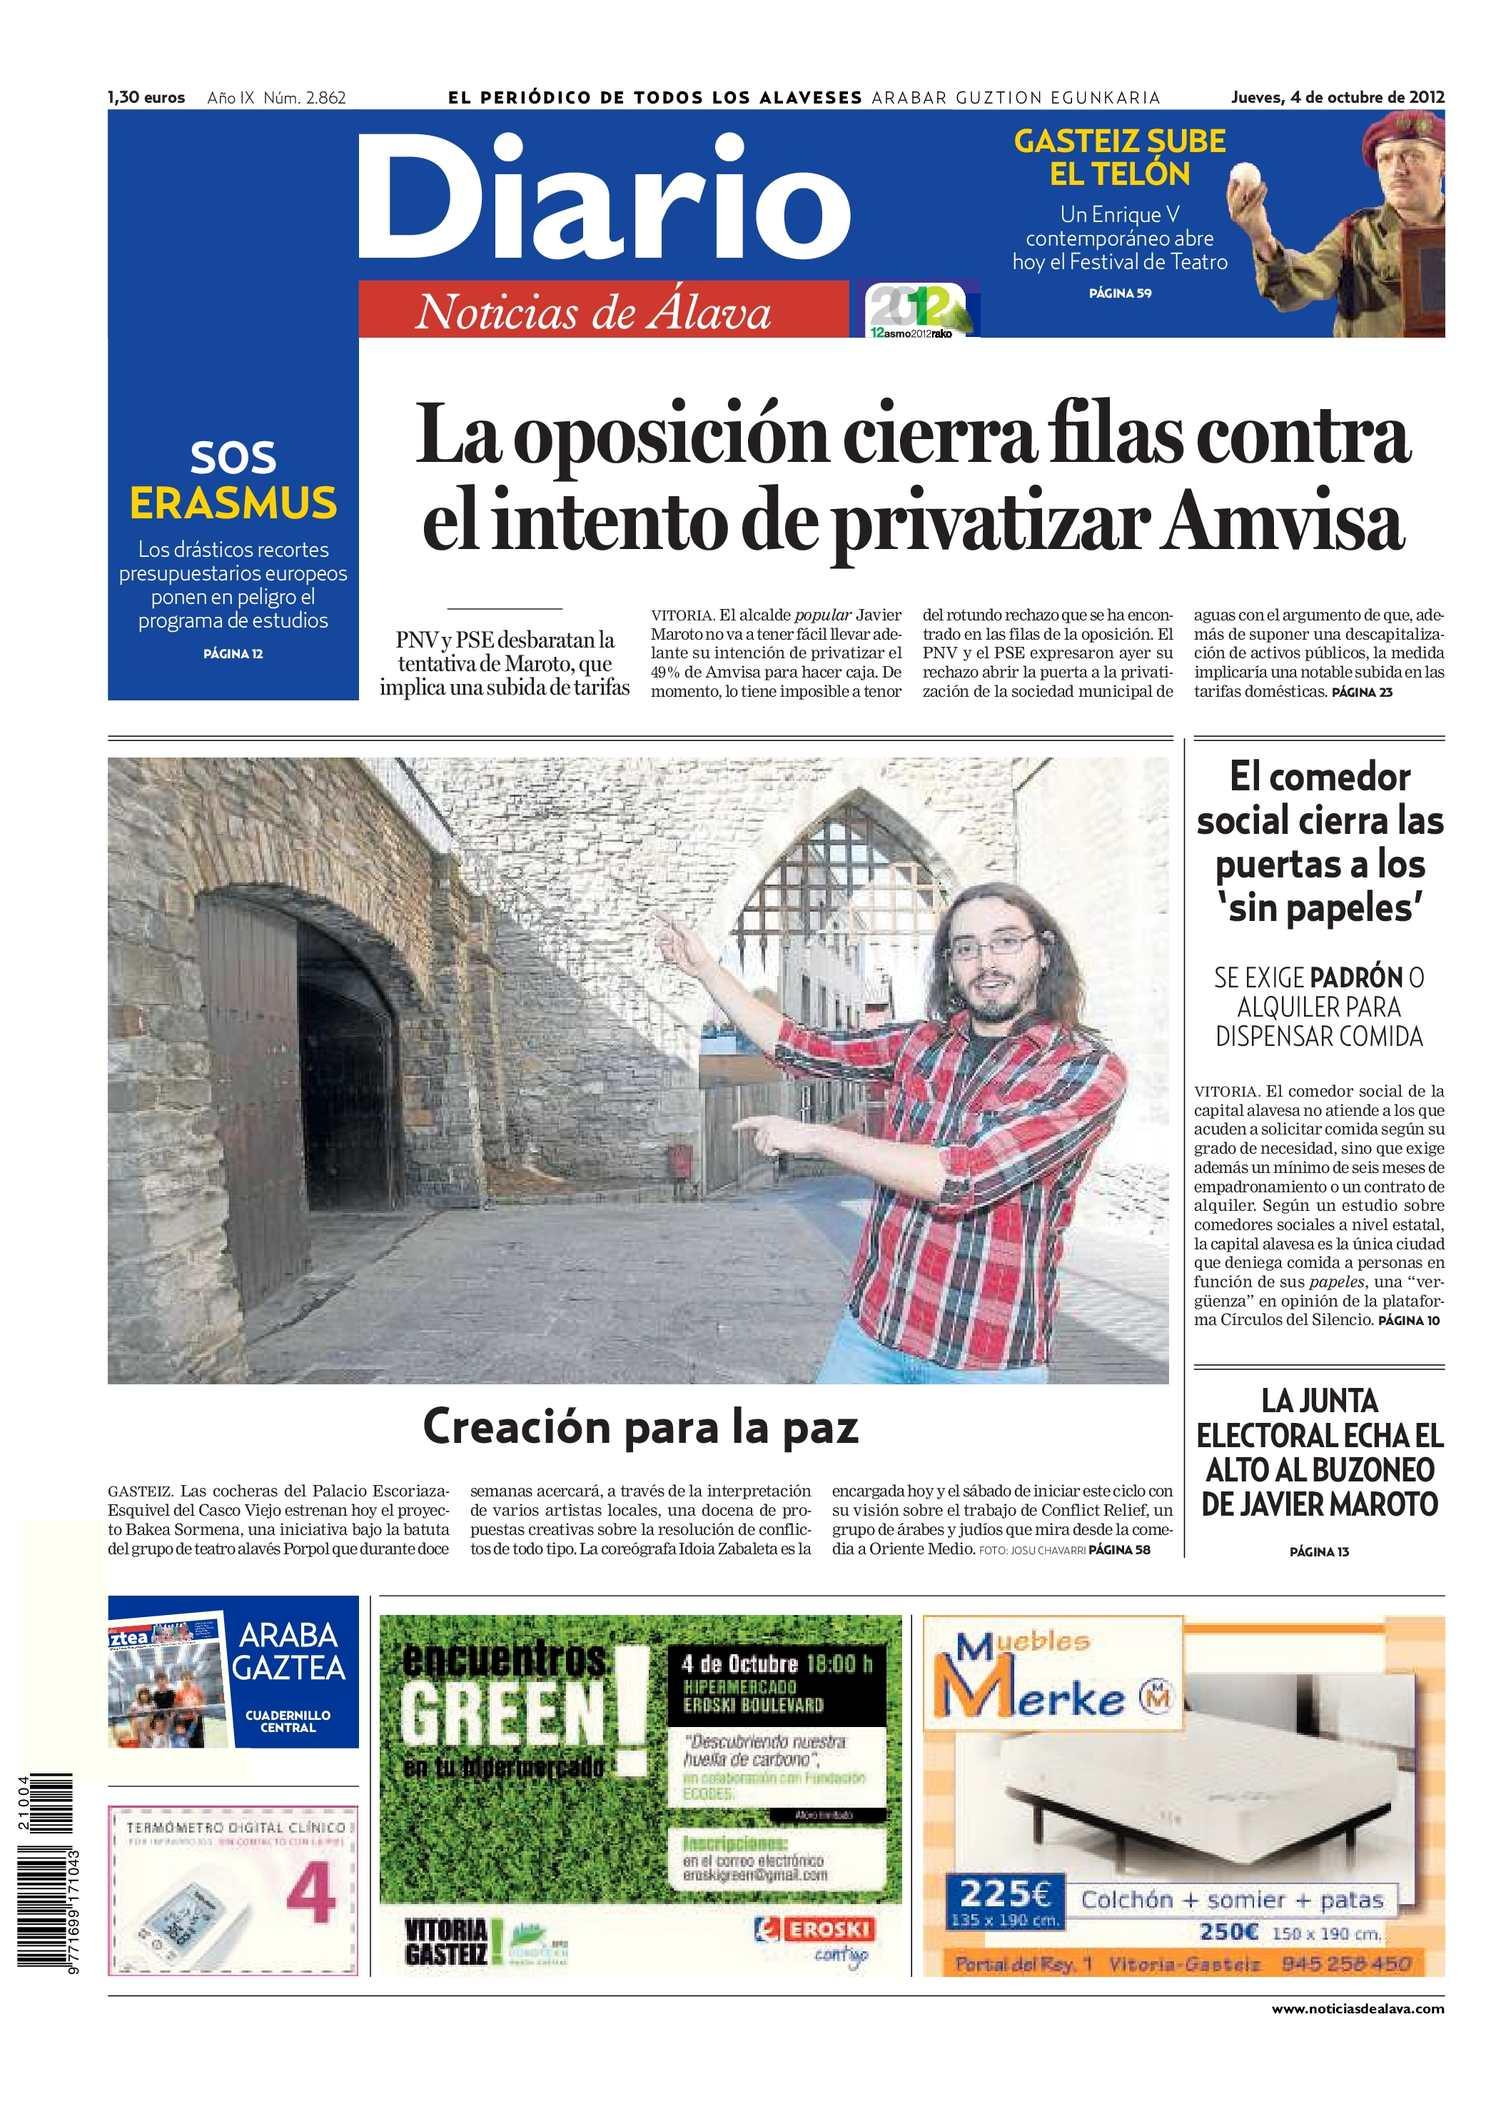 Calaméo - Diario de Noticias de Álava 20121004